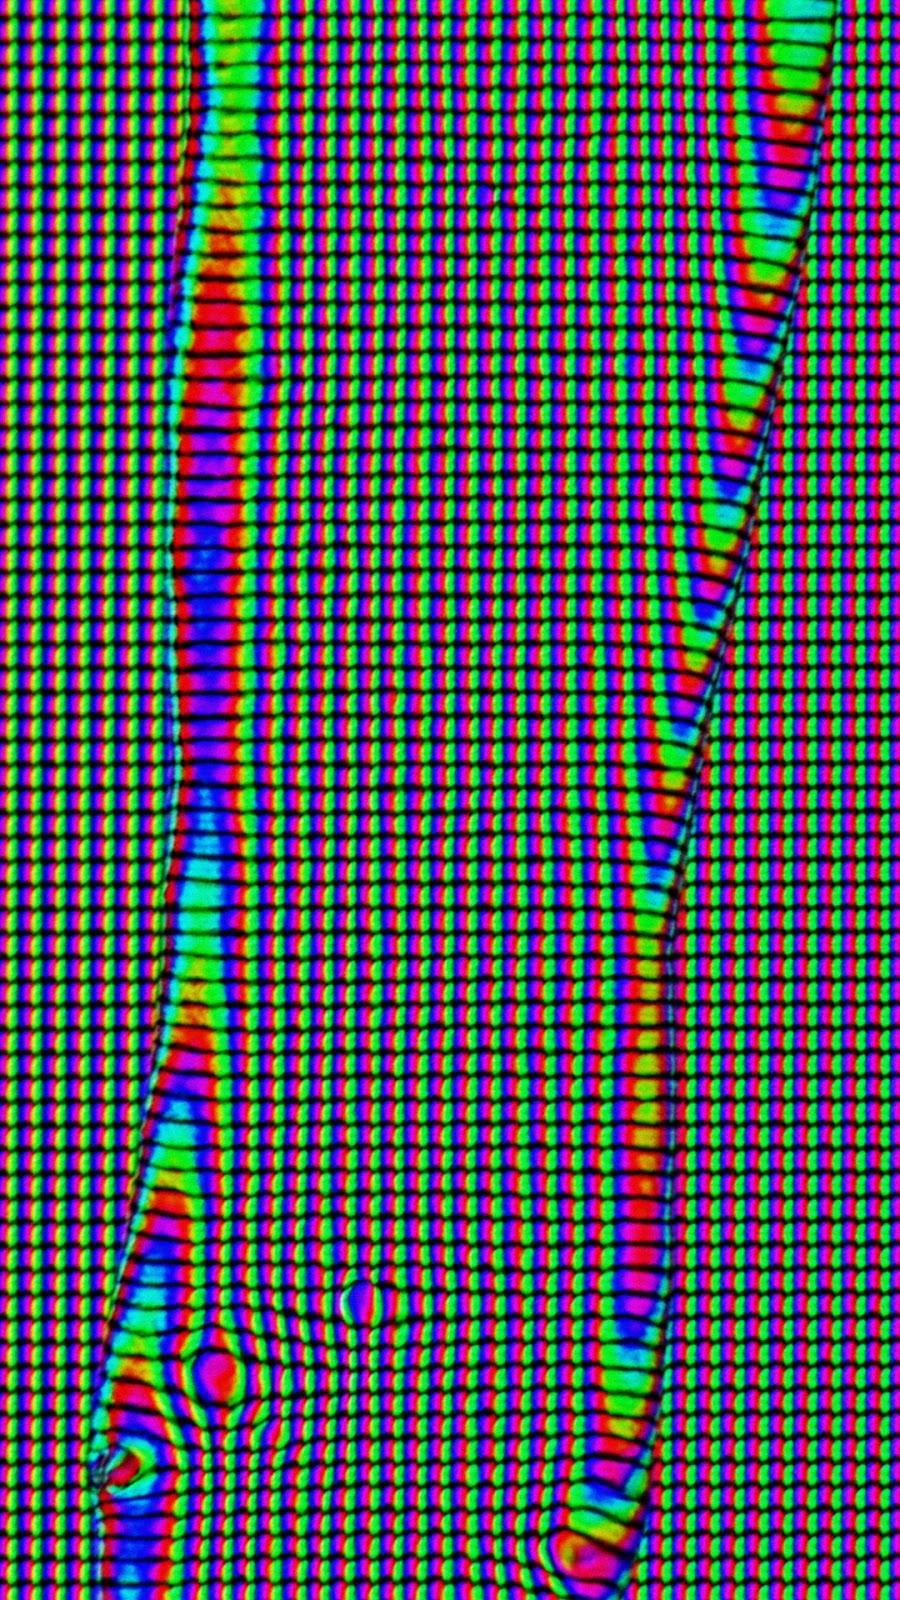 pixel distortion wallpaper